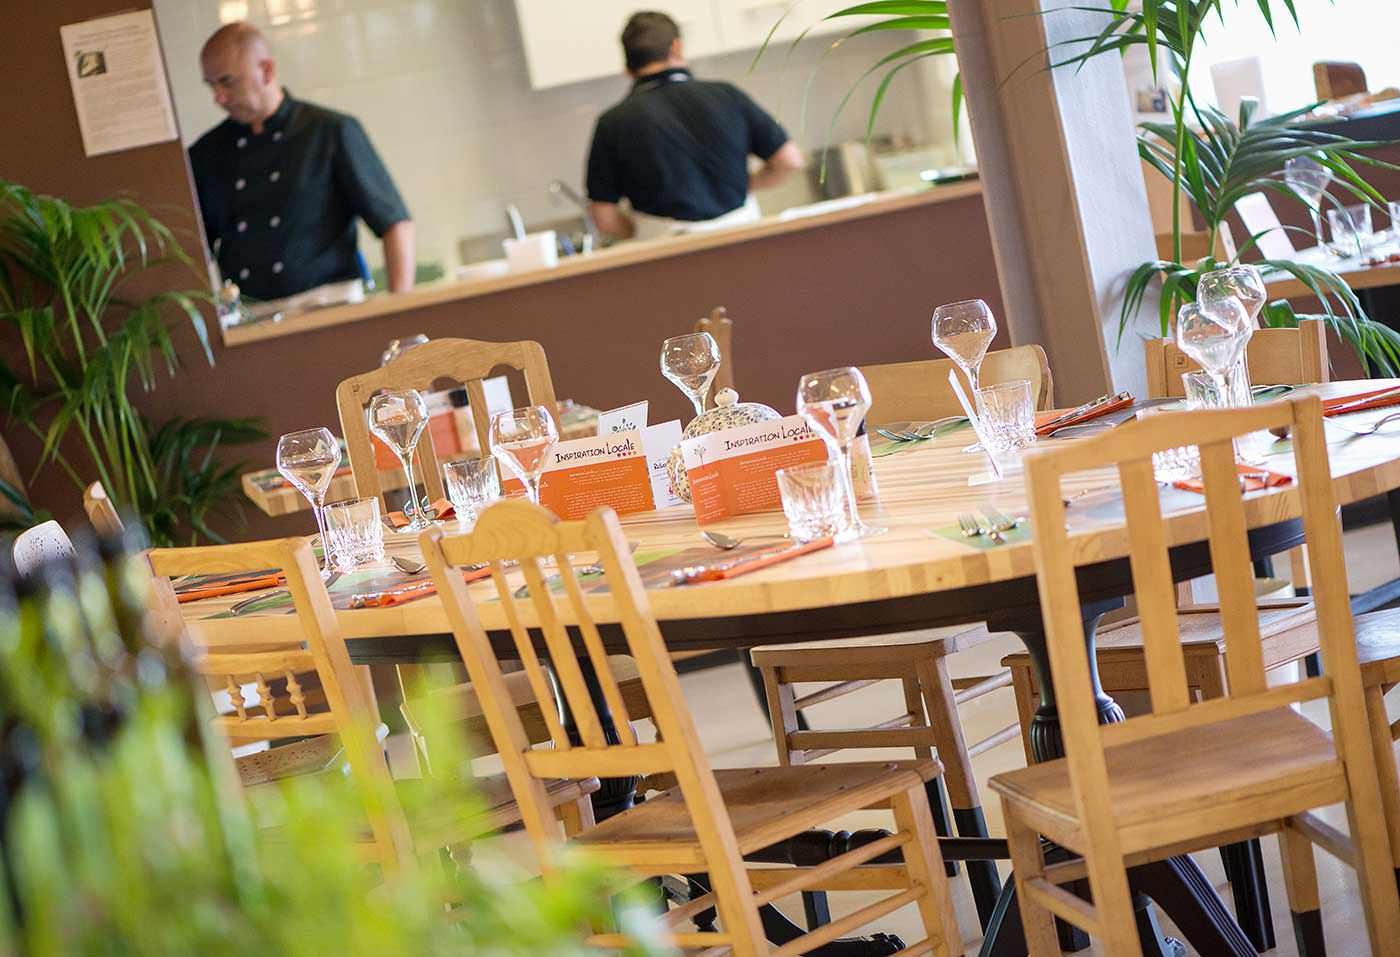 reportage photographique au restaurant inspiration locale : table